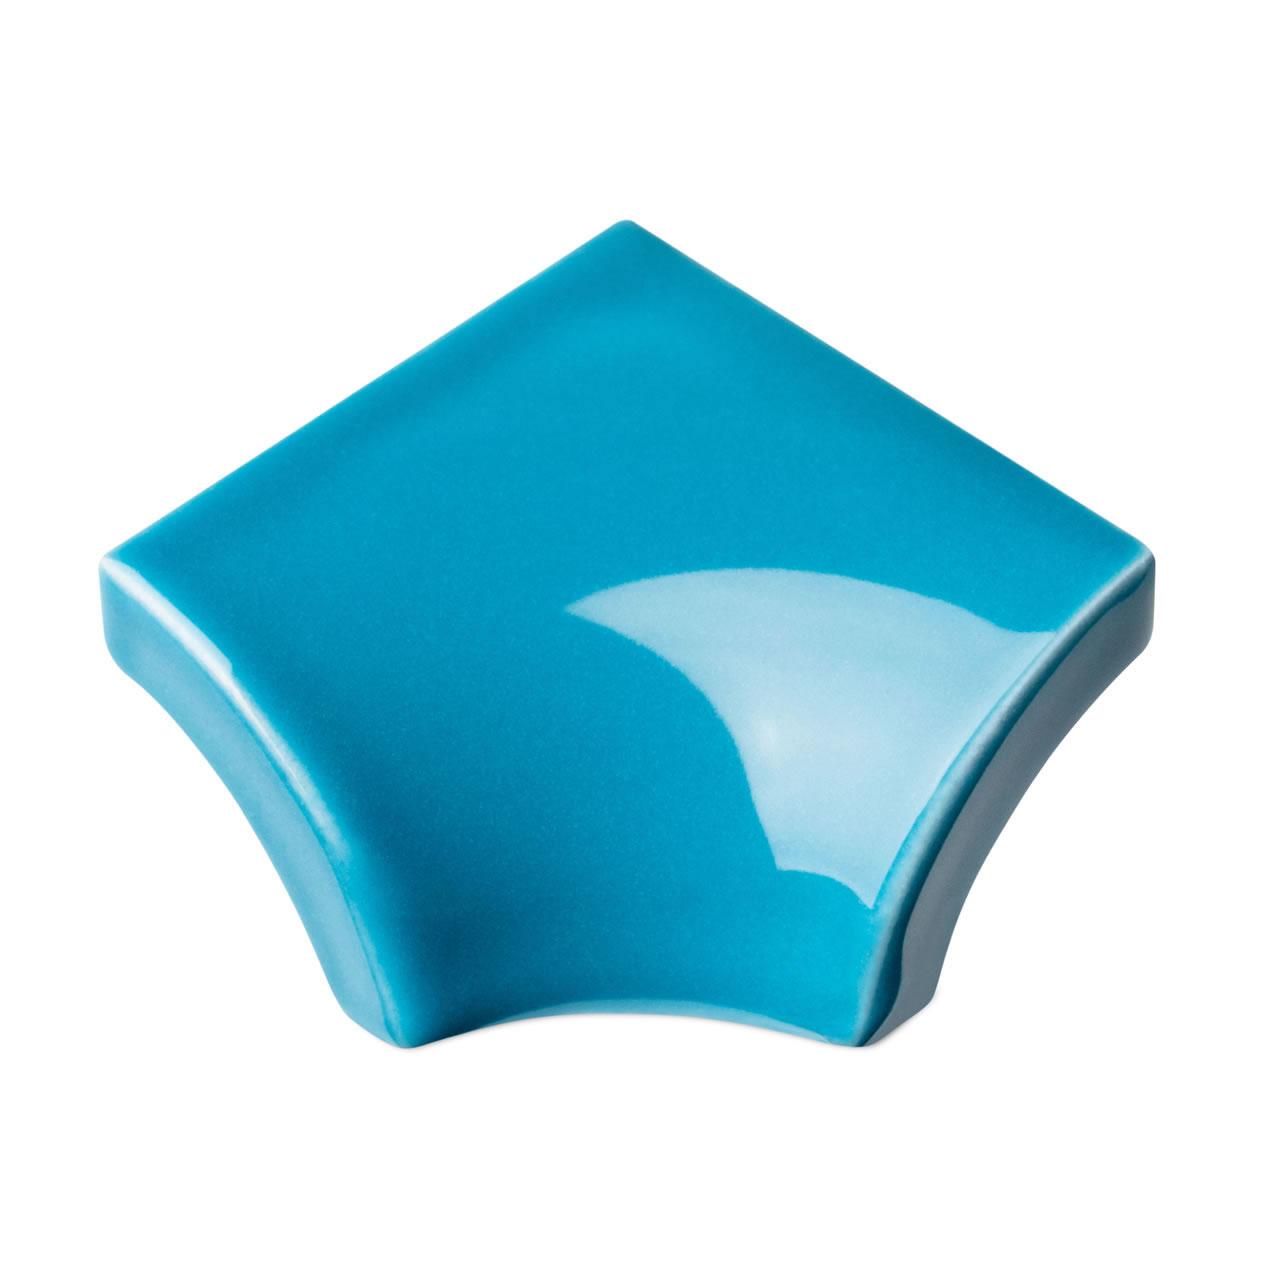 canto externo azul mar 2,5×2,5